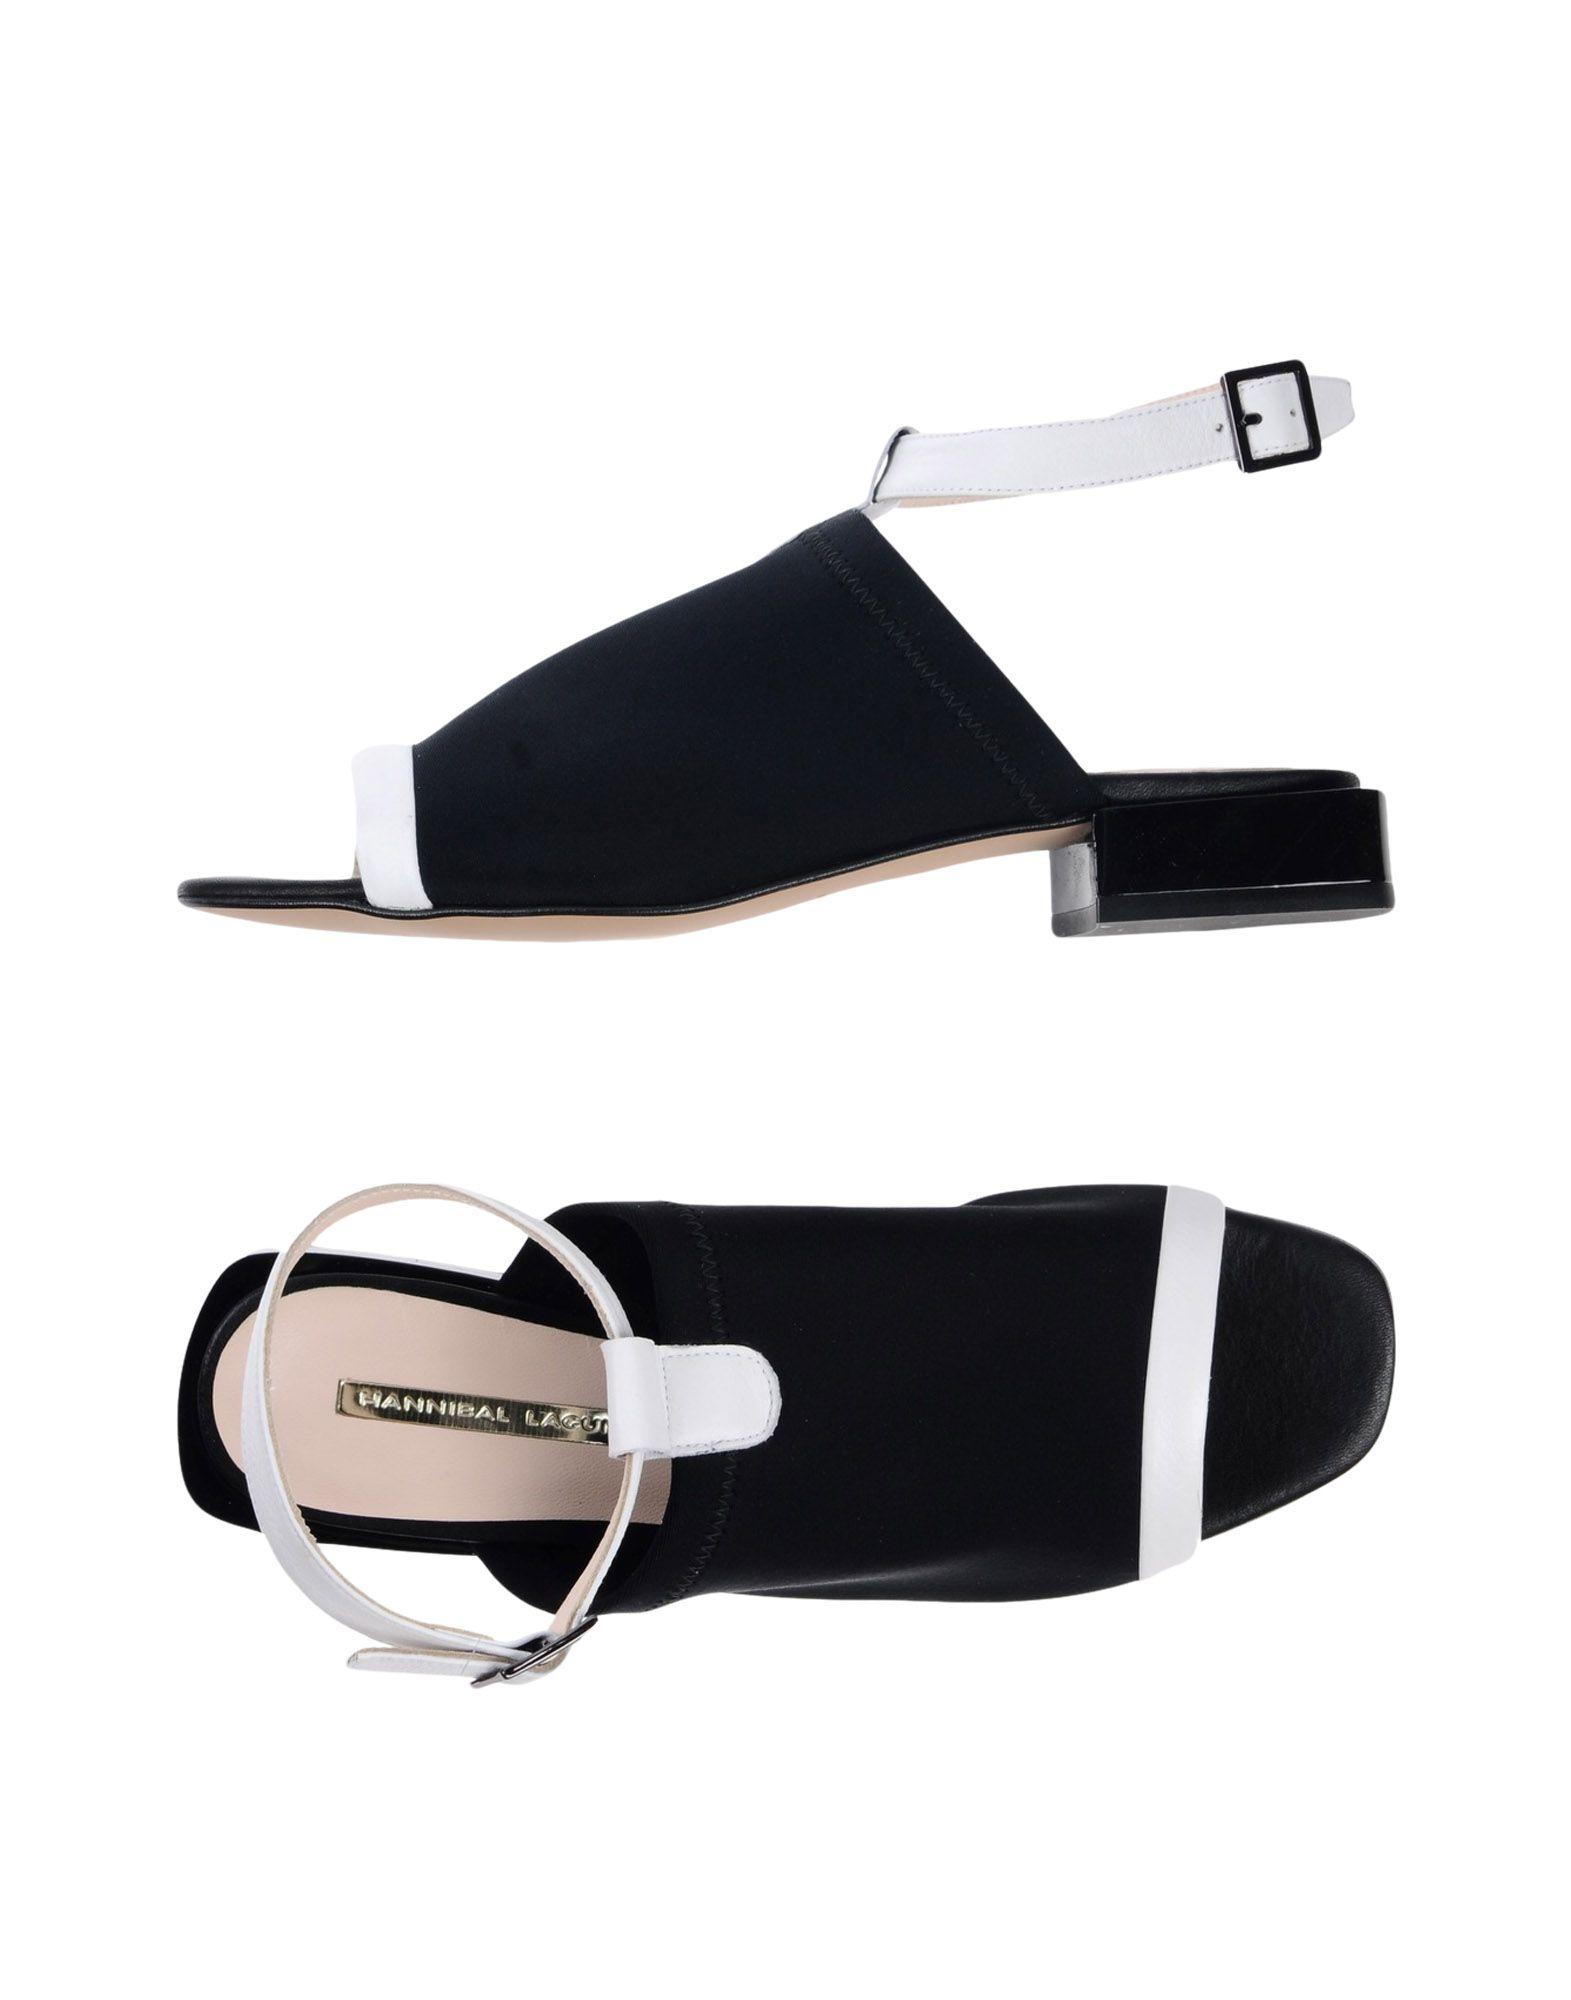 Hannibal Laguna Sandalen Damen  11404364LM Gute Qualität beliebte Schuhe